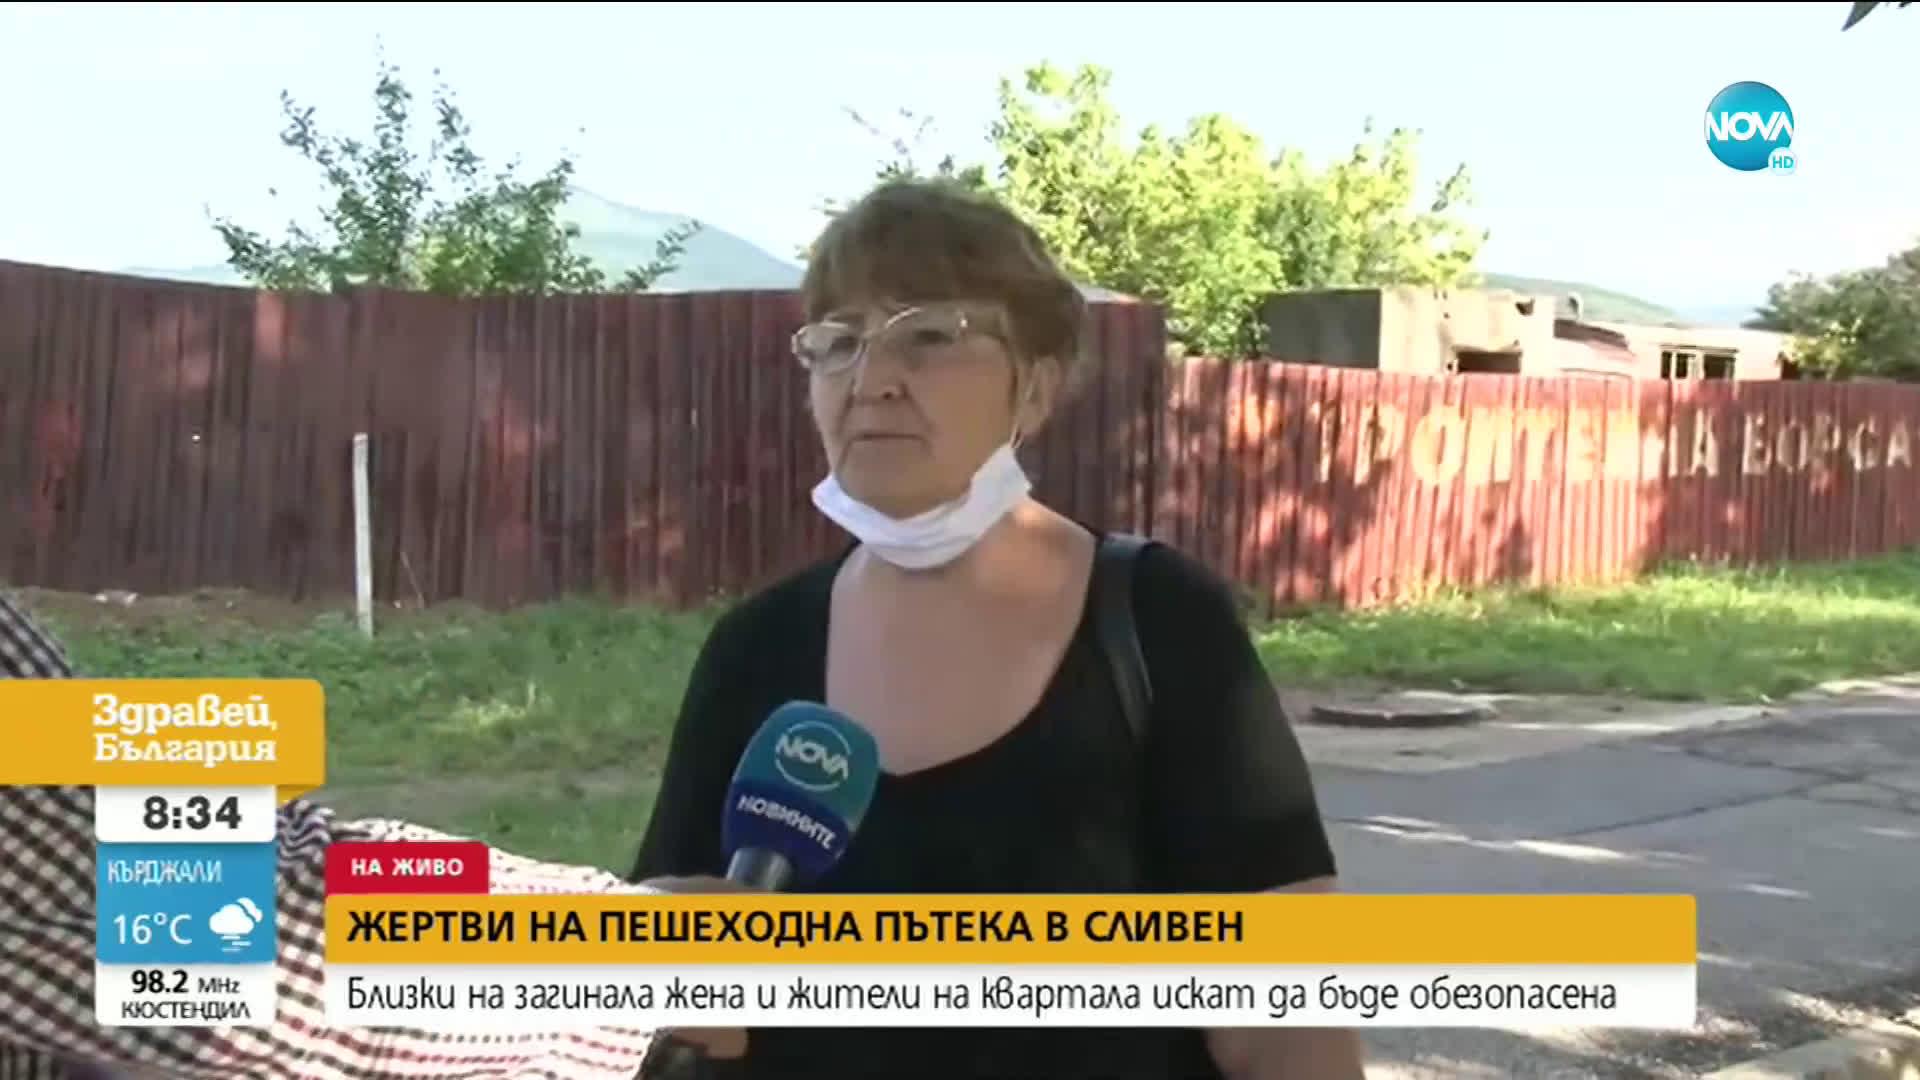 ЗАРАДИ ЖЕРТВИ НА ПЕШЕХОДНА ПЪТЕКА: Жители на Сливен искат светофар на оживен булевард